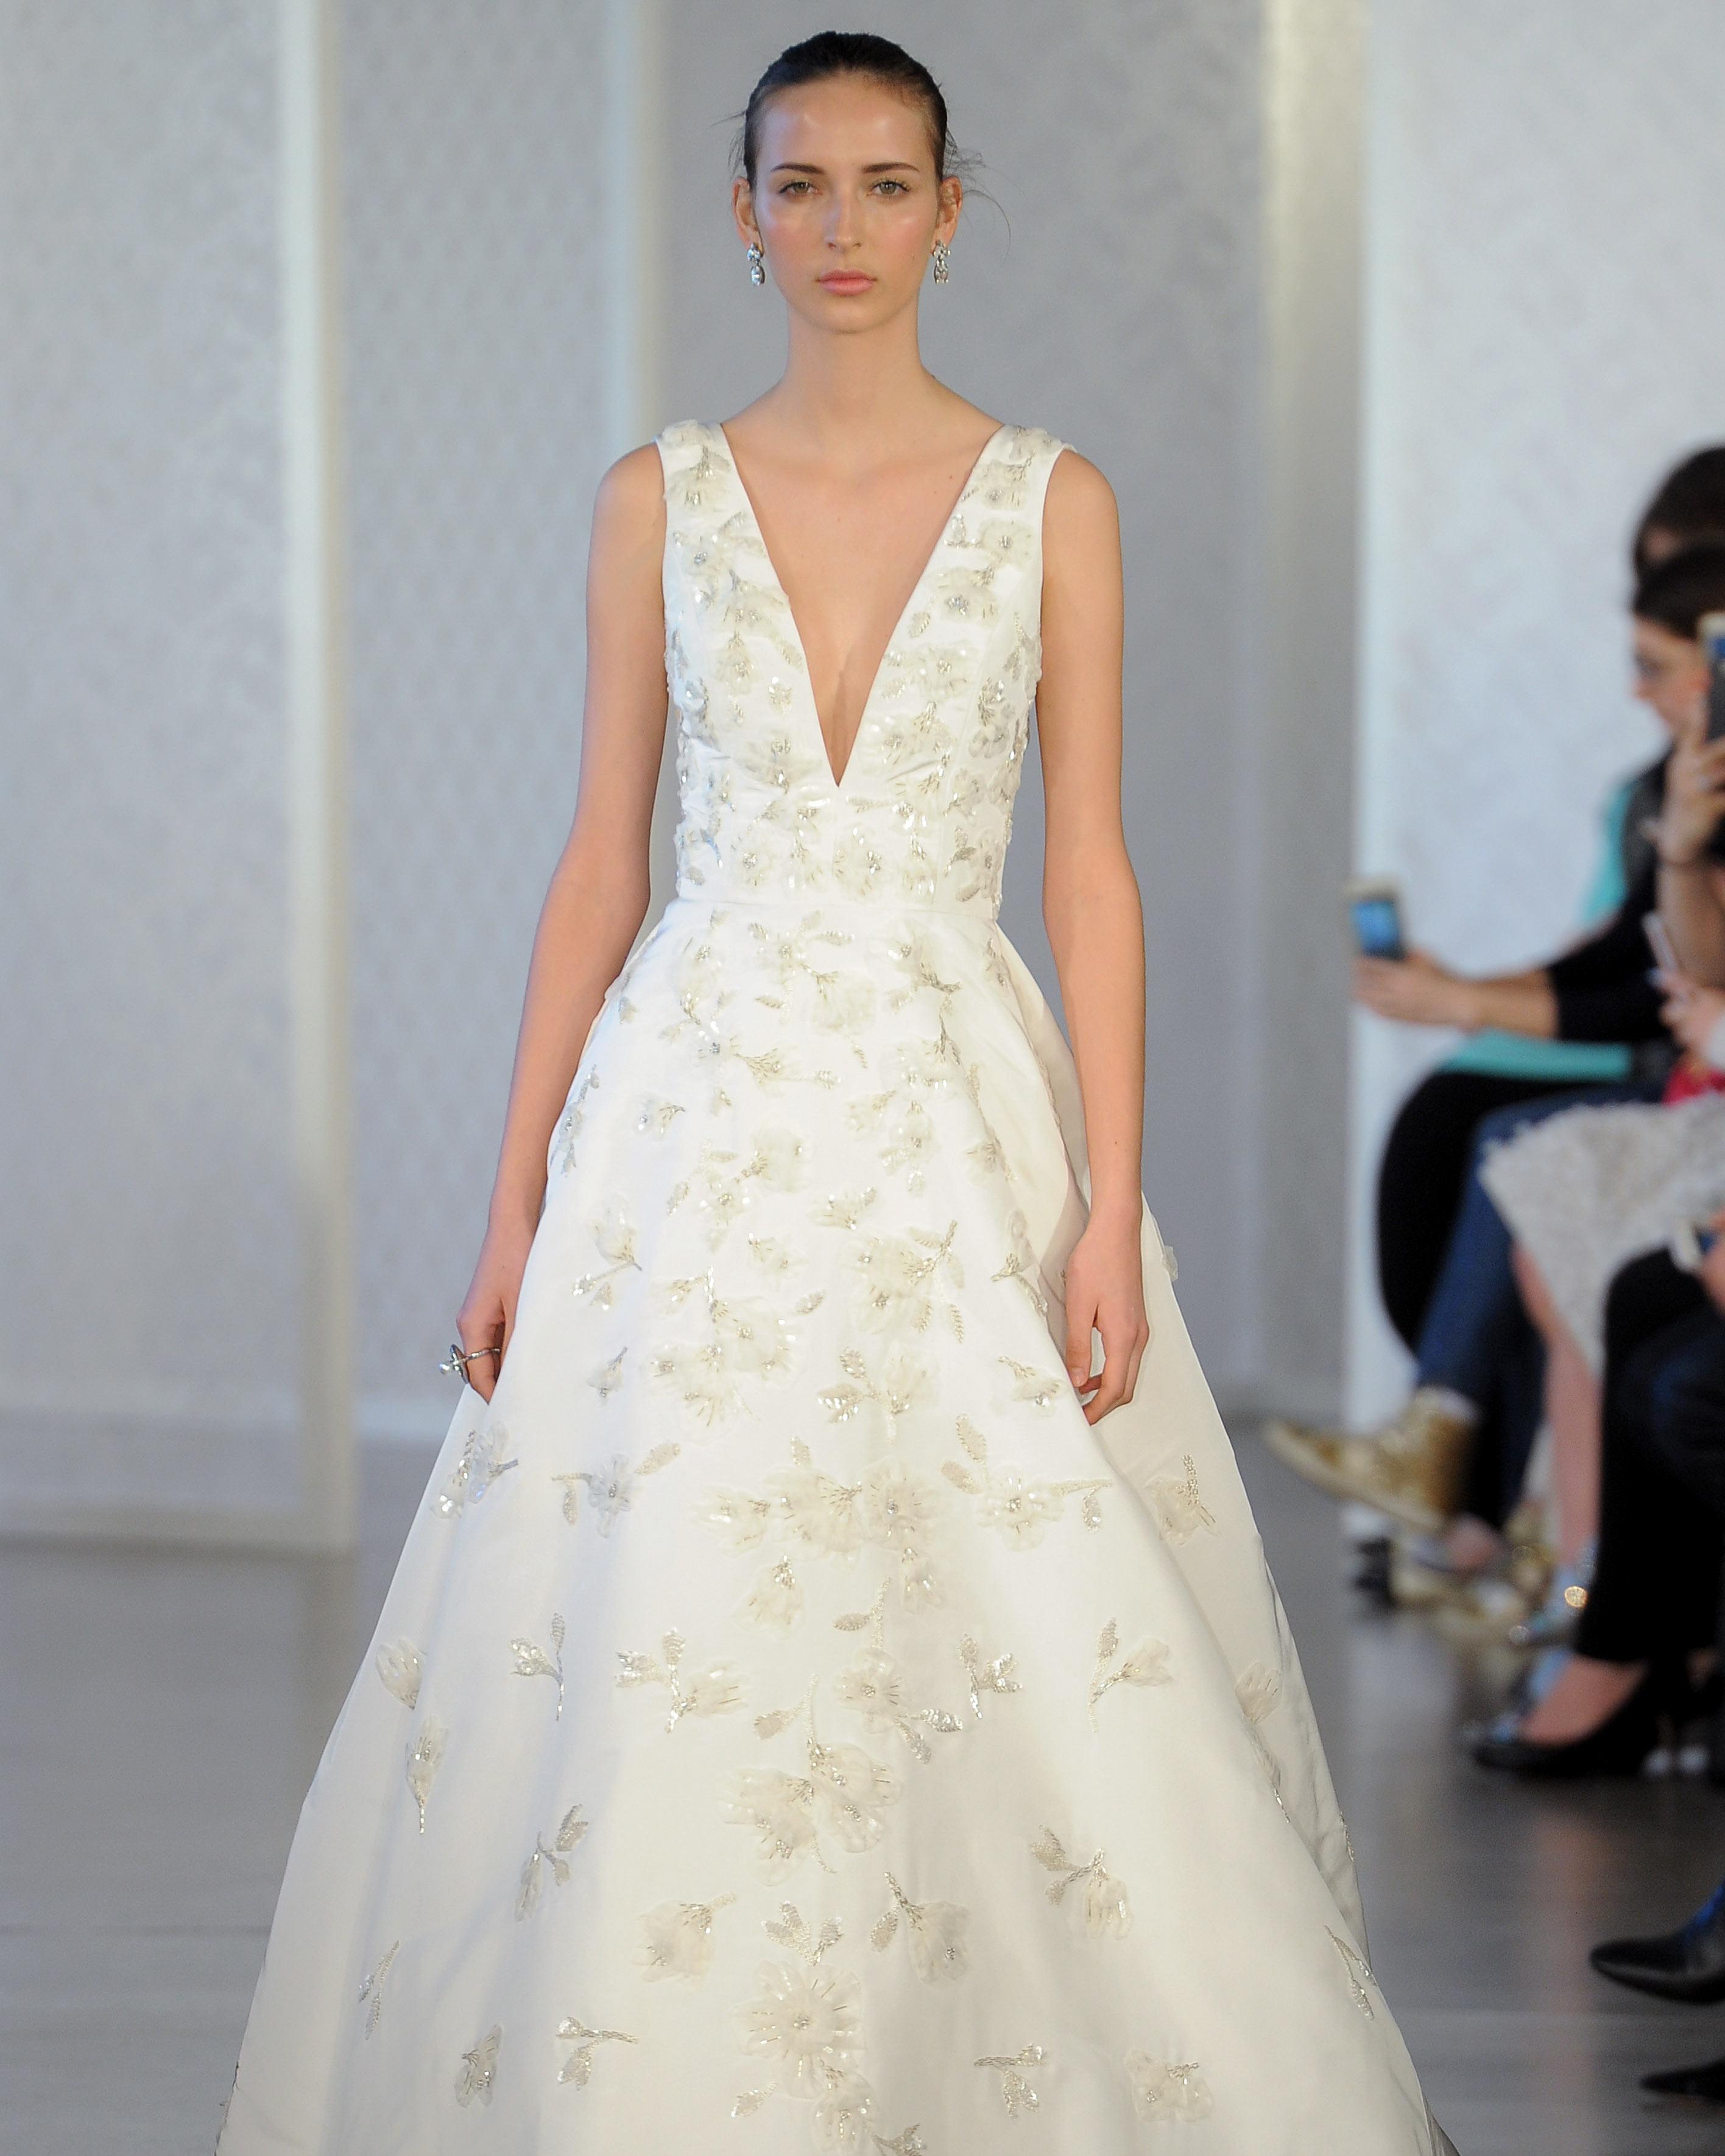 Oscar De La Renta Wedding Dresses.Oscar De La Renta Spring 2017 Wedding Dress Collection